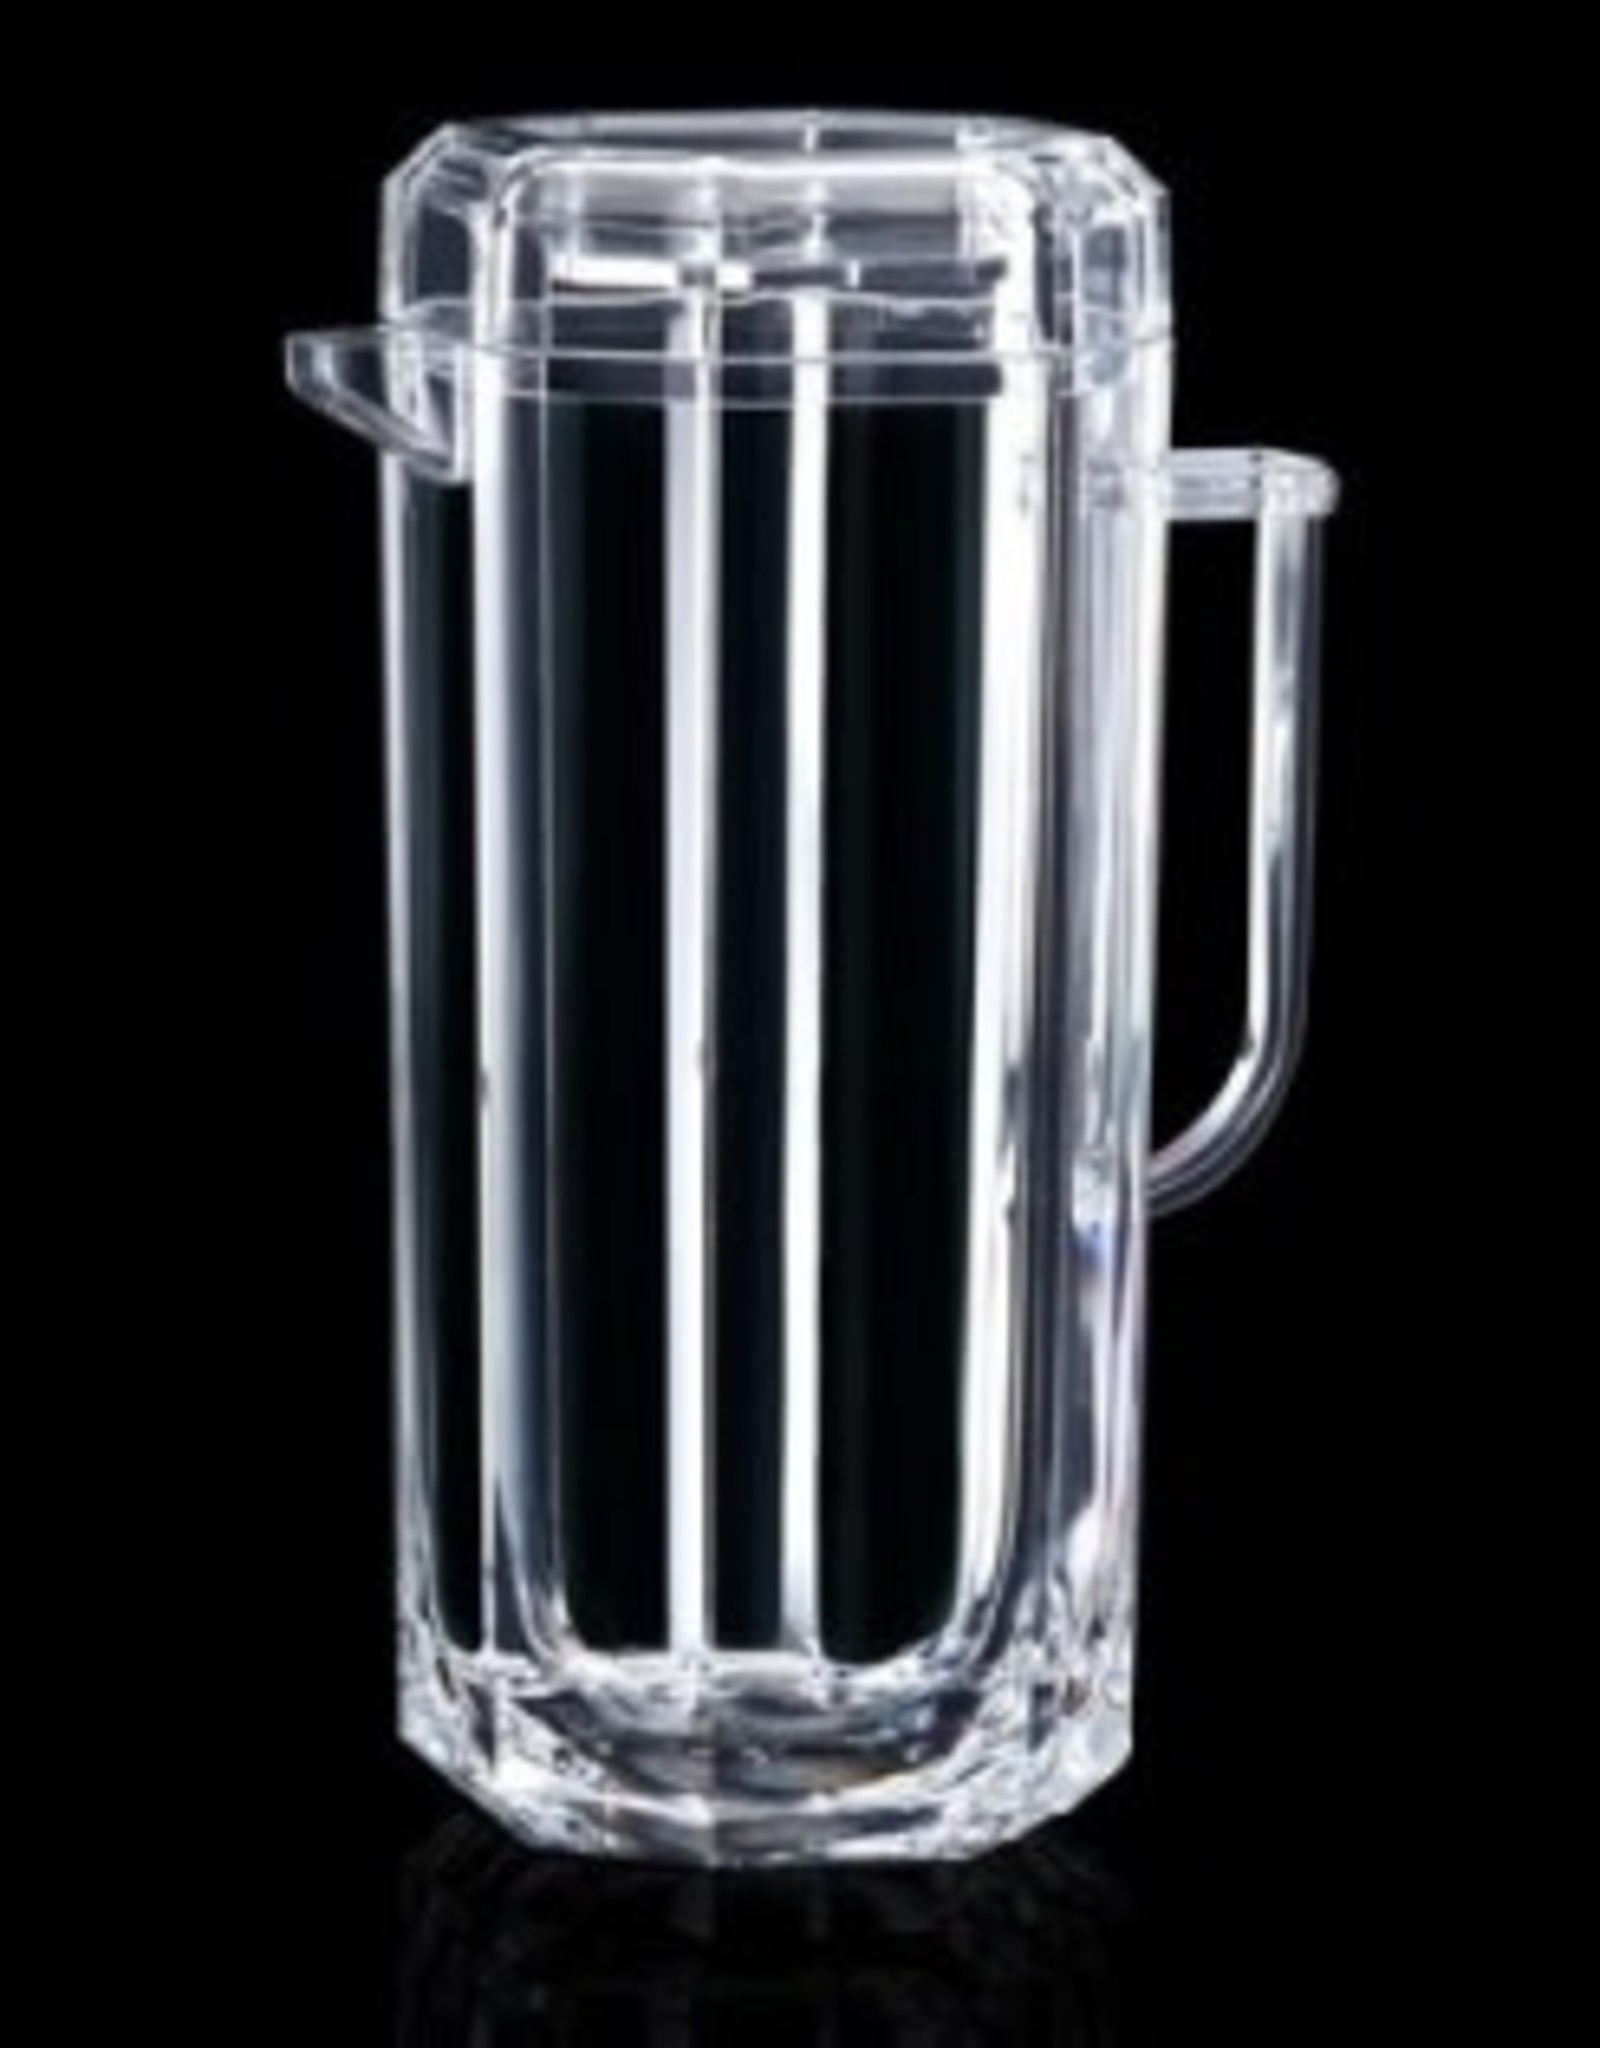 Crystalon Pitcher - 64 oz.